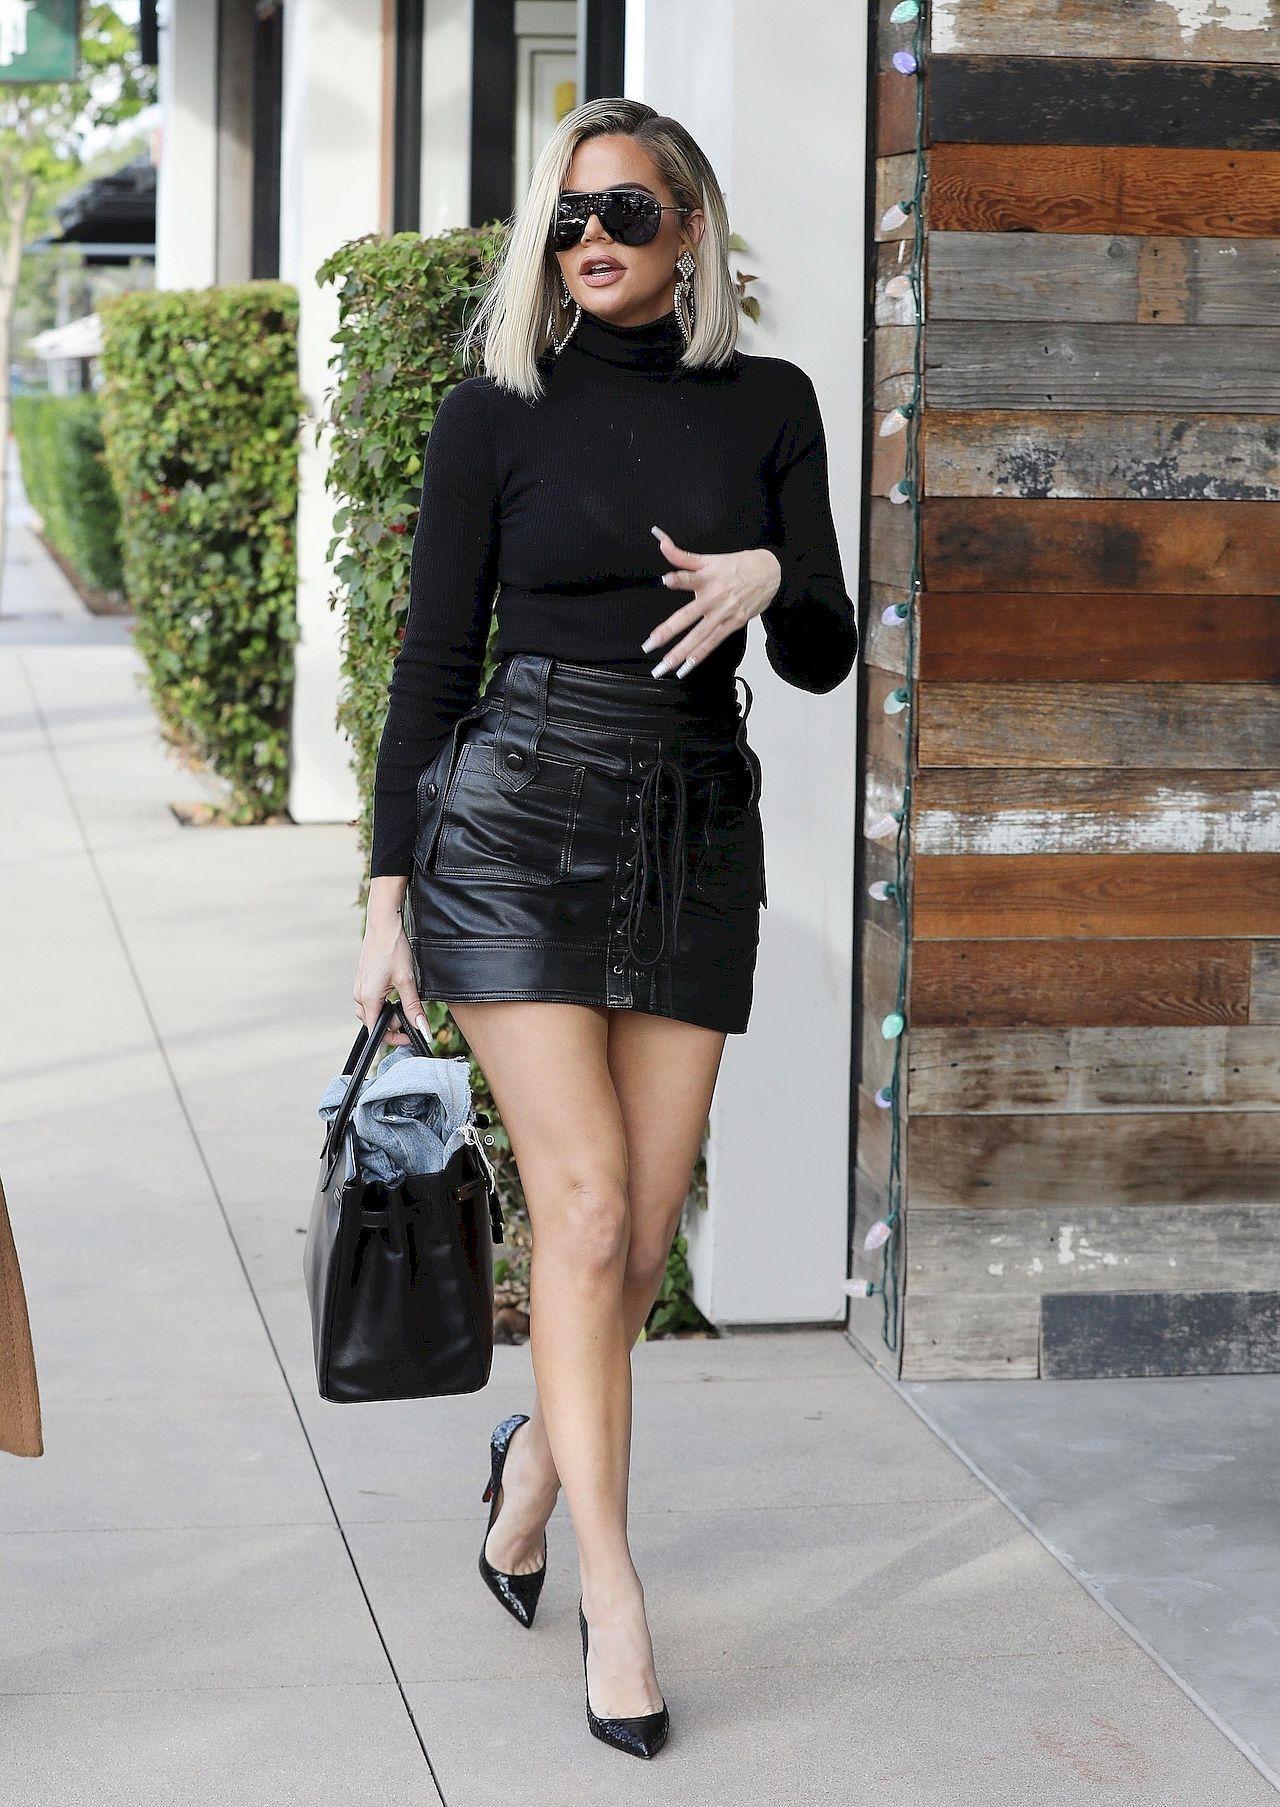 Khloe Kardashian pokazała długie i szczupłe nogi w krótkiej mini.